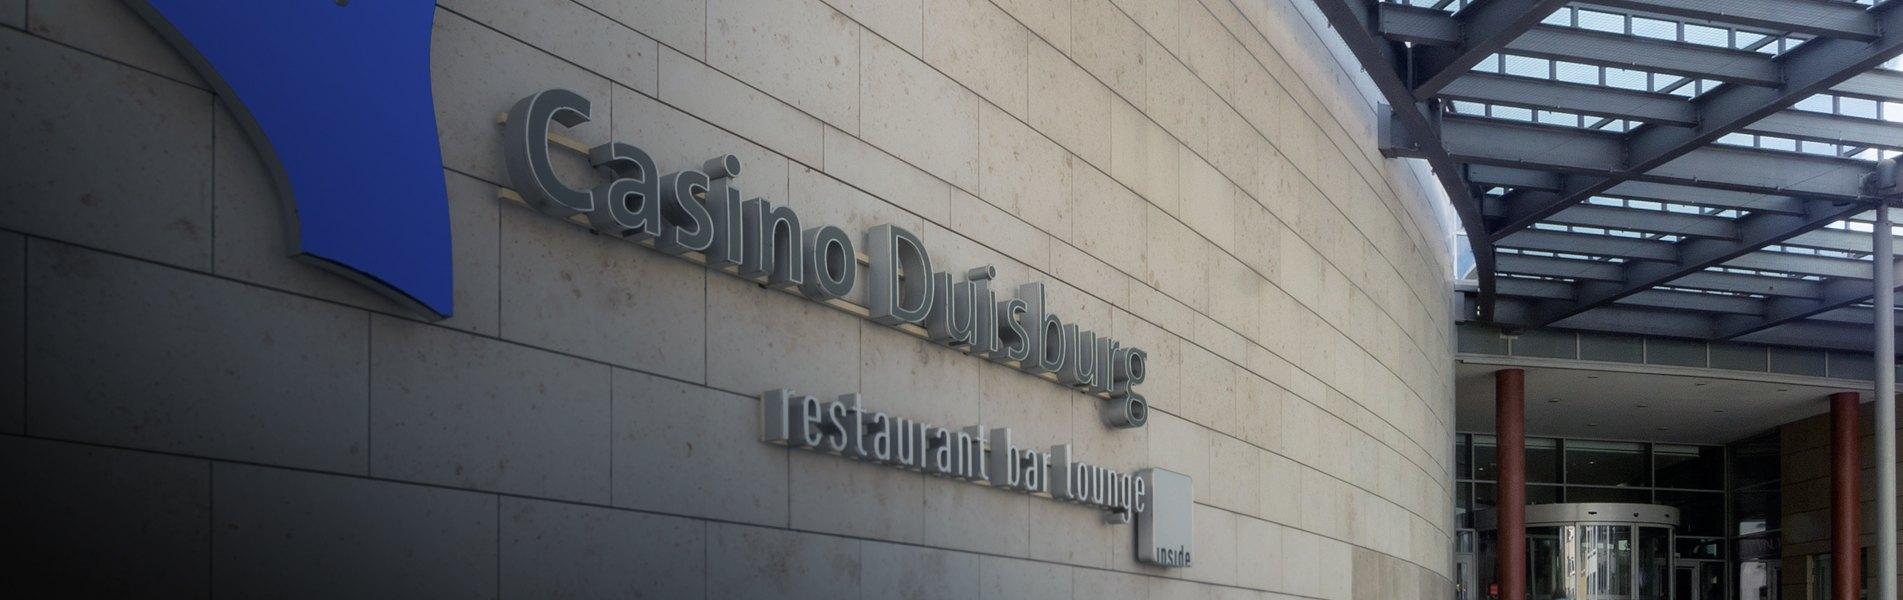 Casino Duisburg Kleiderordnung